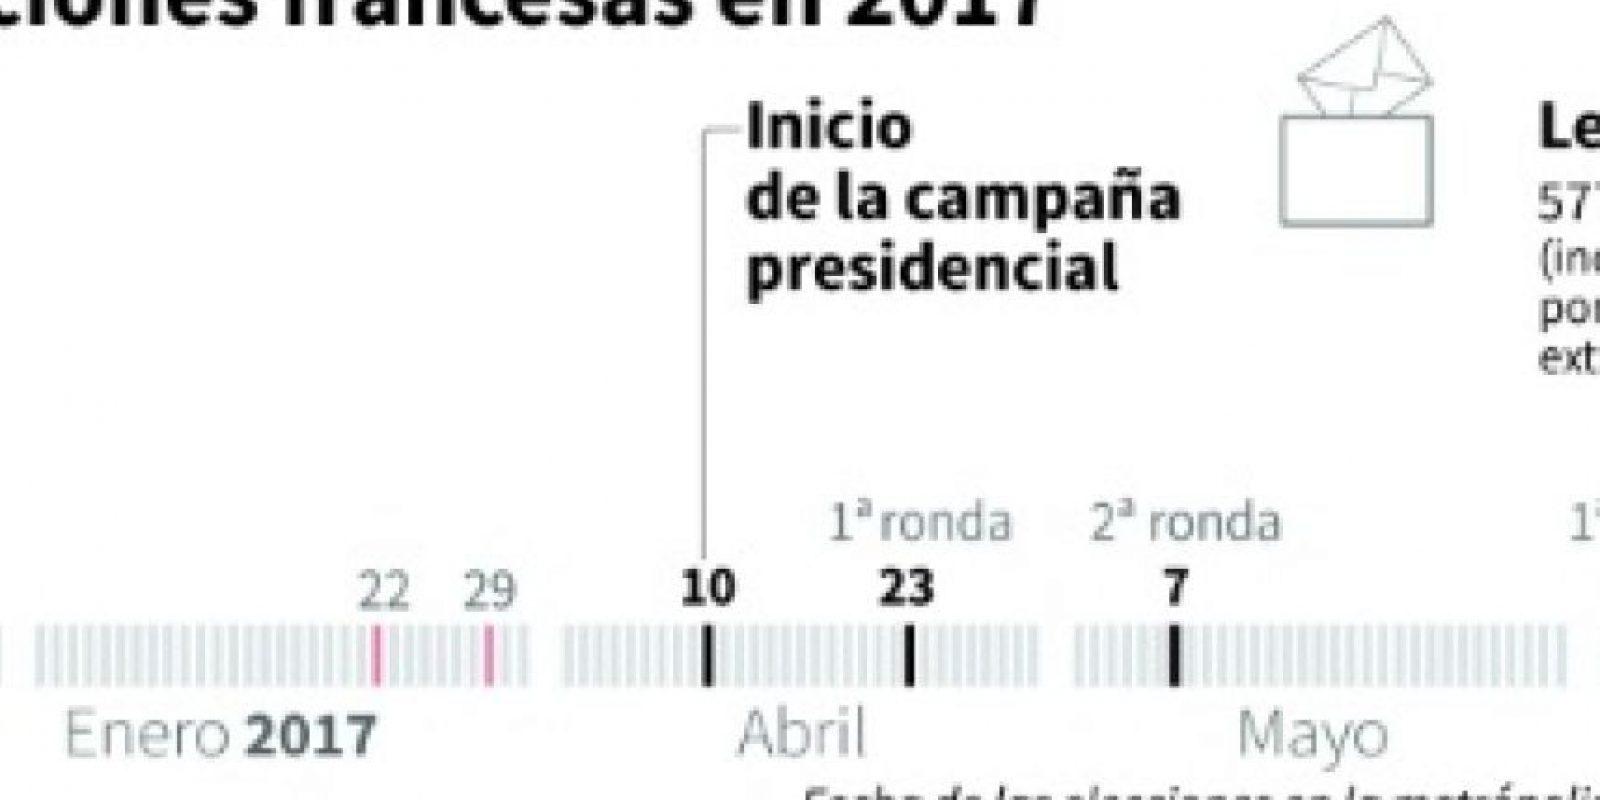 El calendario de las elecciones francesas de 2017 Foto:Paul Defosseux, Jean Michel Cornu/afp.com